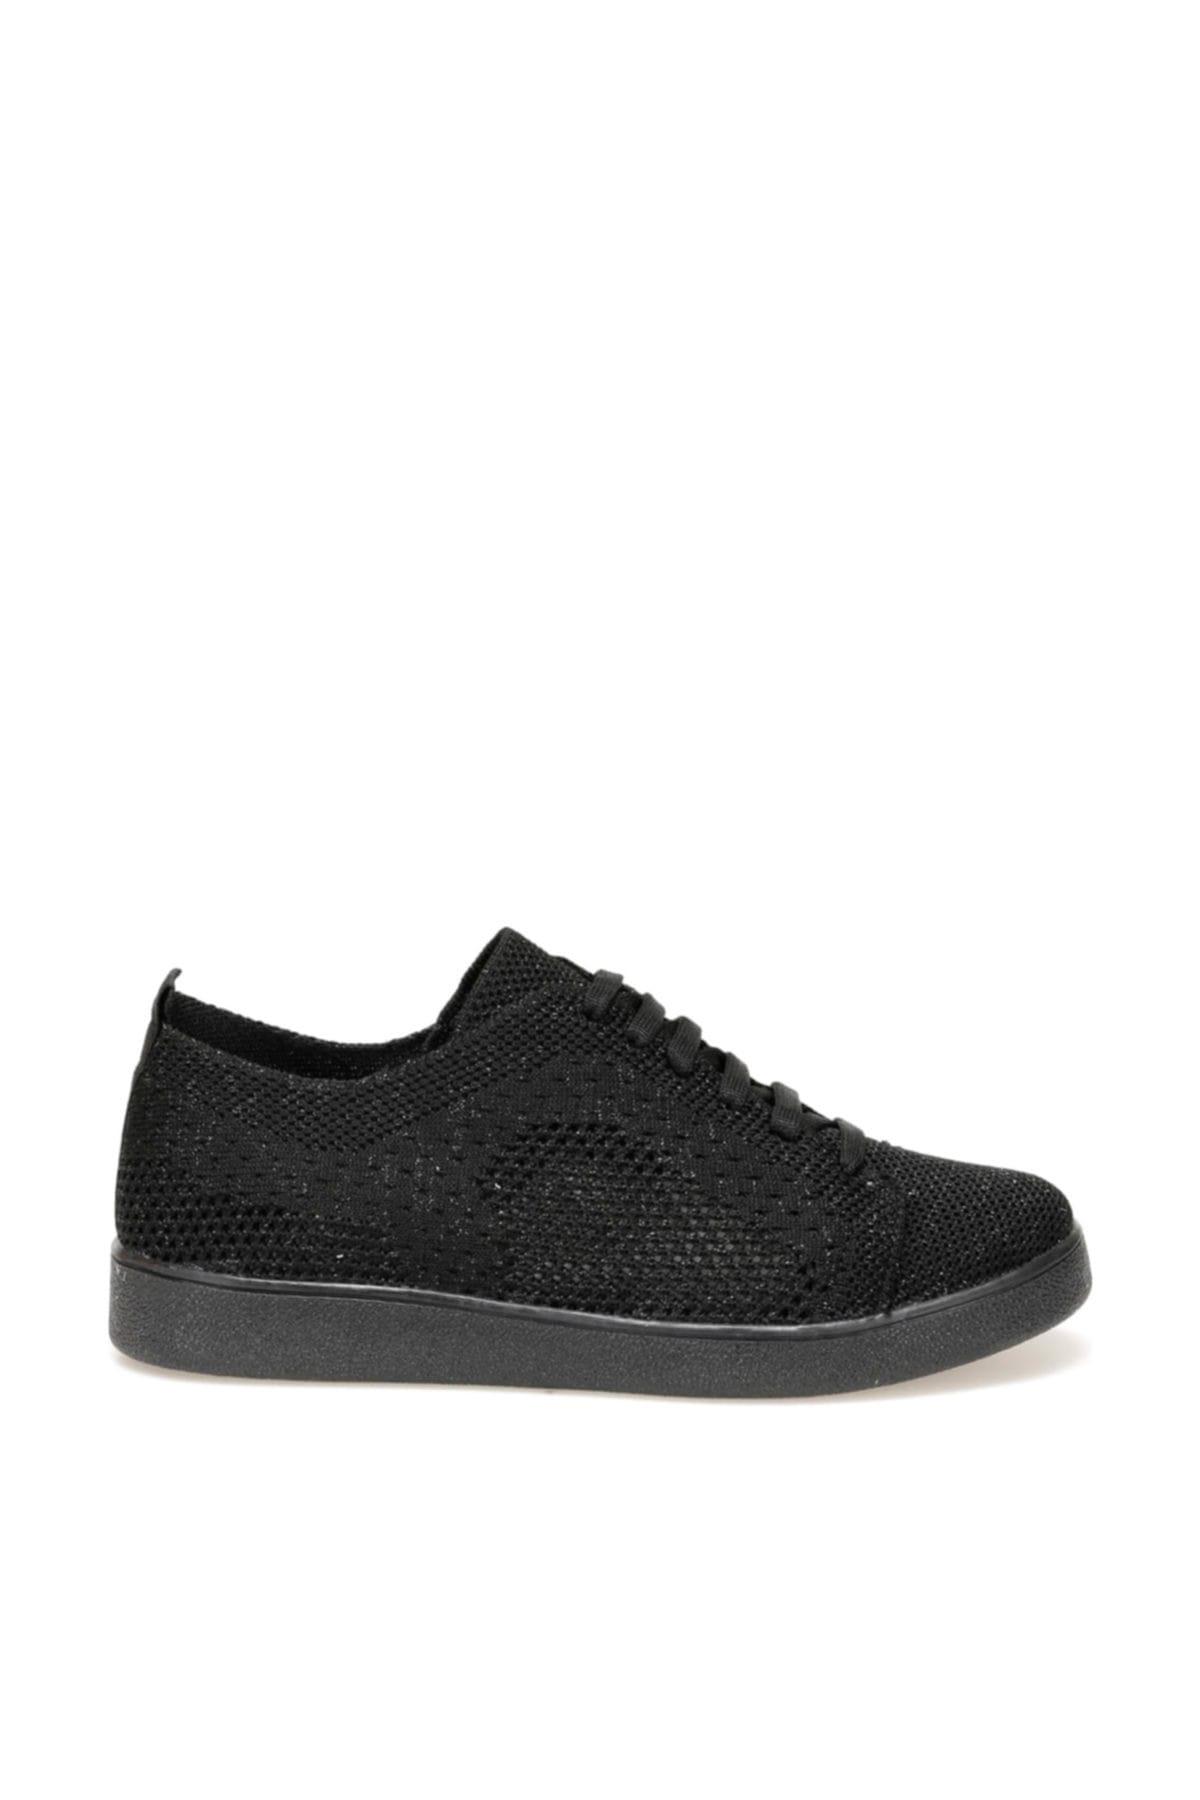 Kinetix ALMIR Siyah Kadın Sneaker Ayakkabı 100369906 2